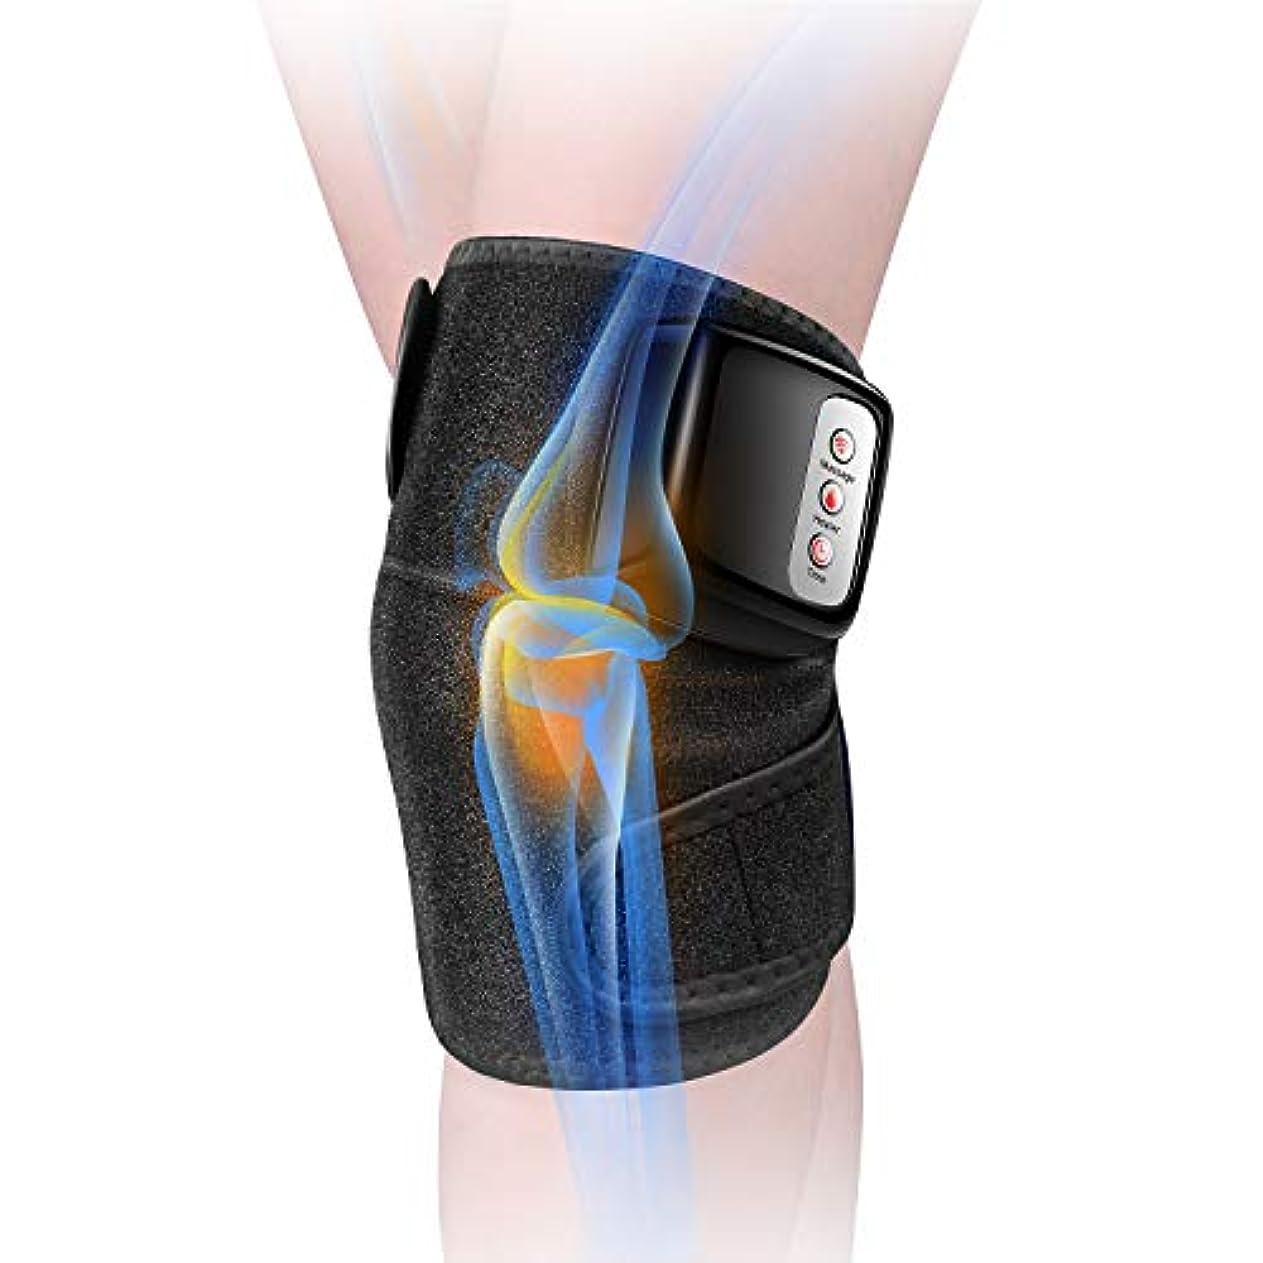 から調停する名門膝マッサージャー 関節マッサージャー マッサージ器 フットマッサージャー 振動 赤外線療法 温熱療法 膝サポーター ストレス解消 肩 太もも/腕対応